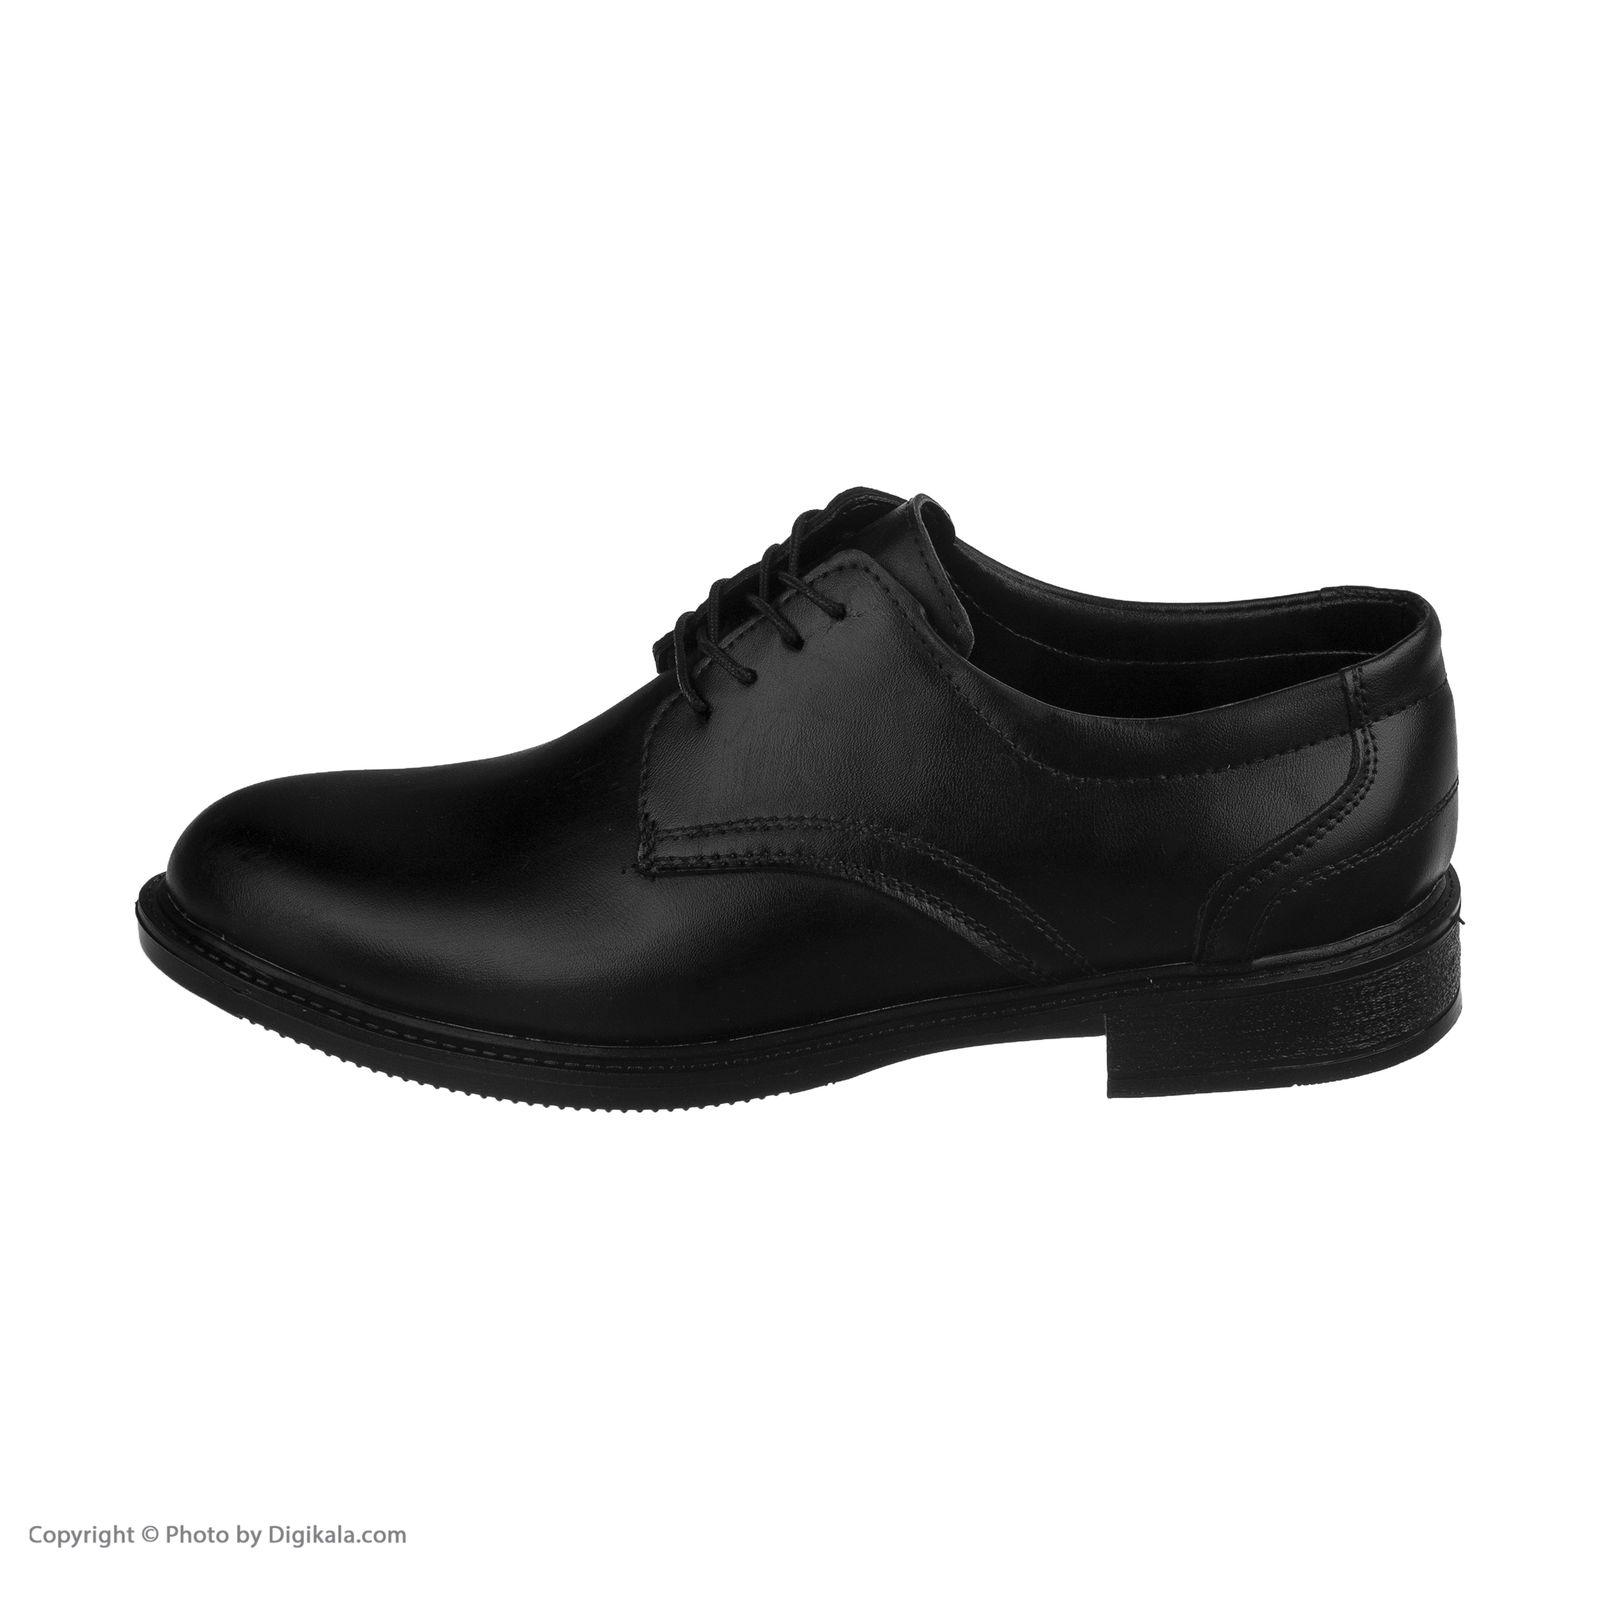 کفش مردانه مدل k.baz.102 -  - 3